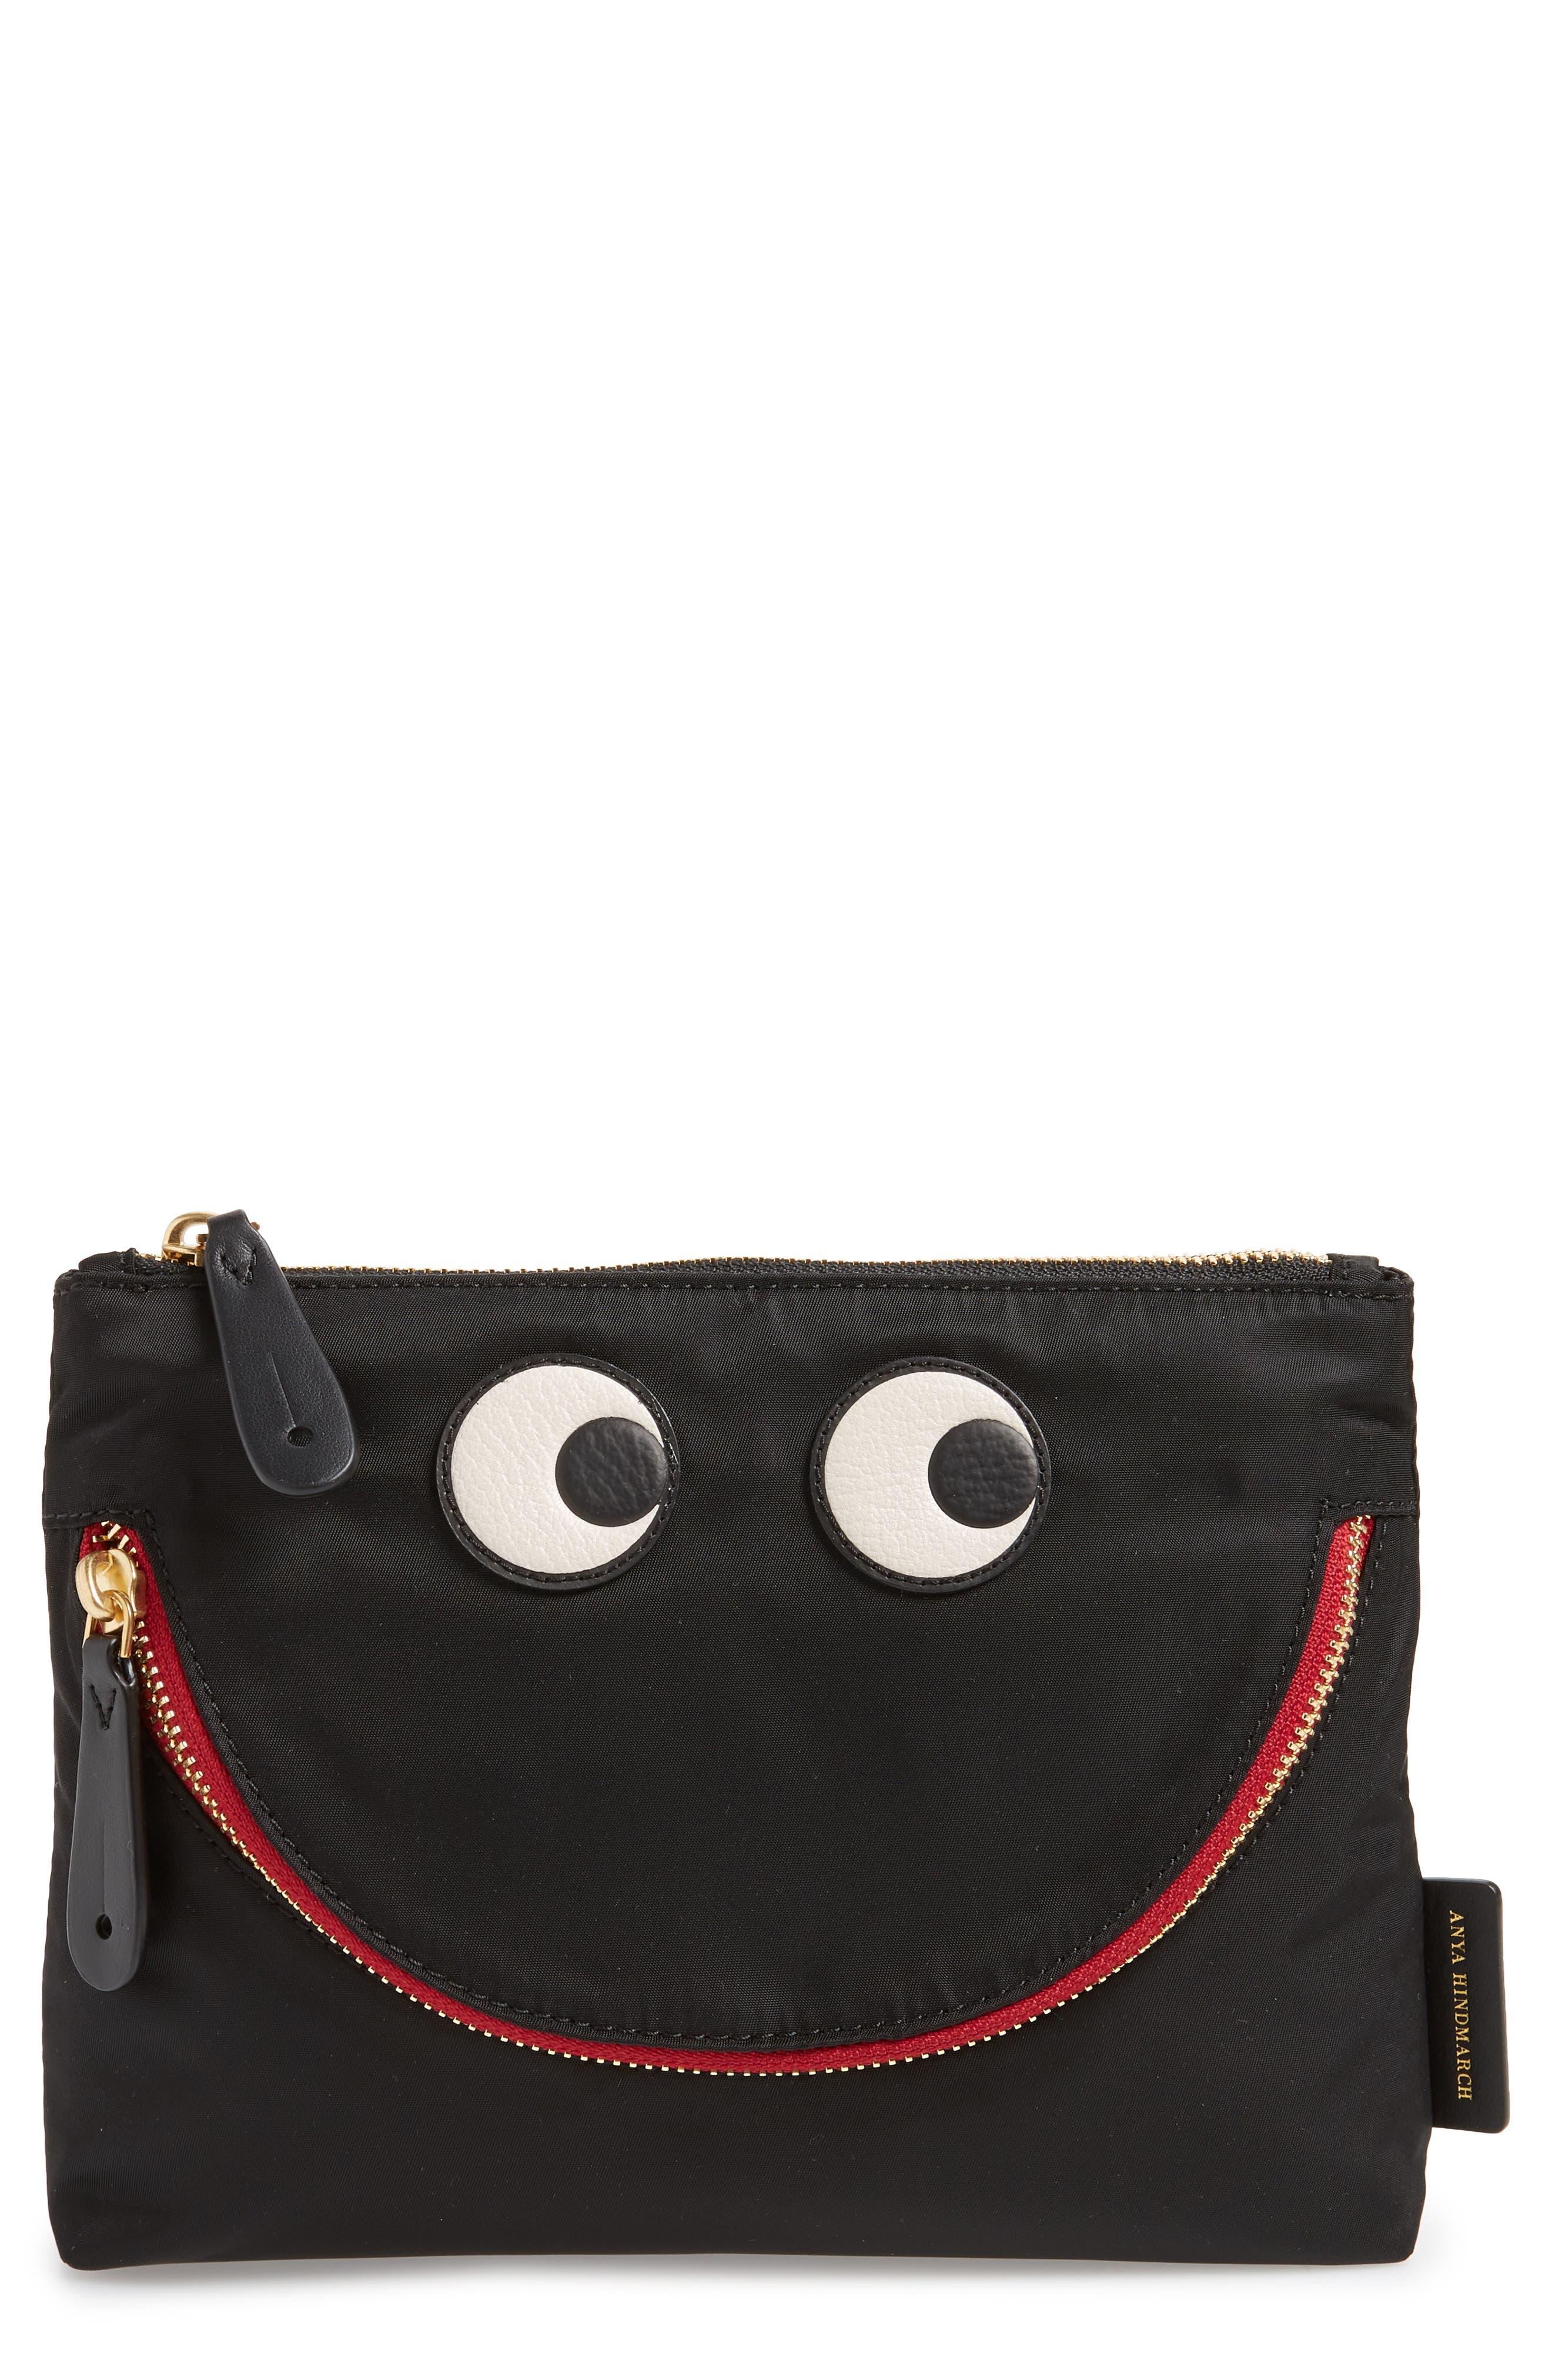 Happy Eyes Nylon Pouch - Black